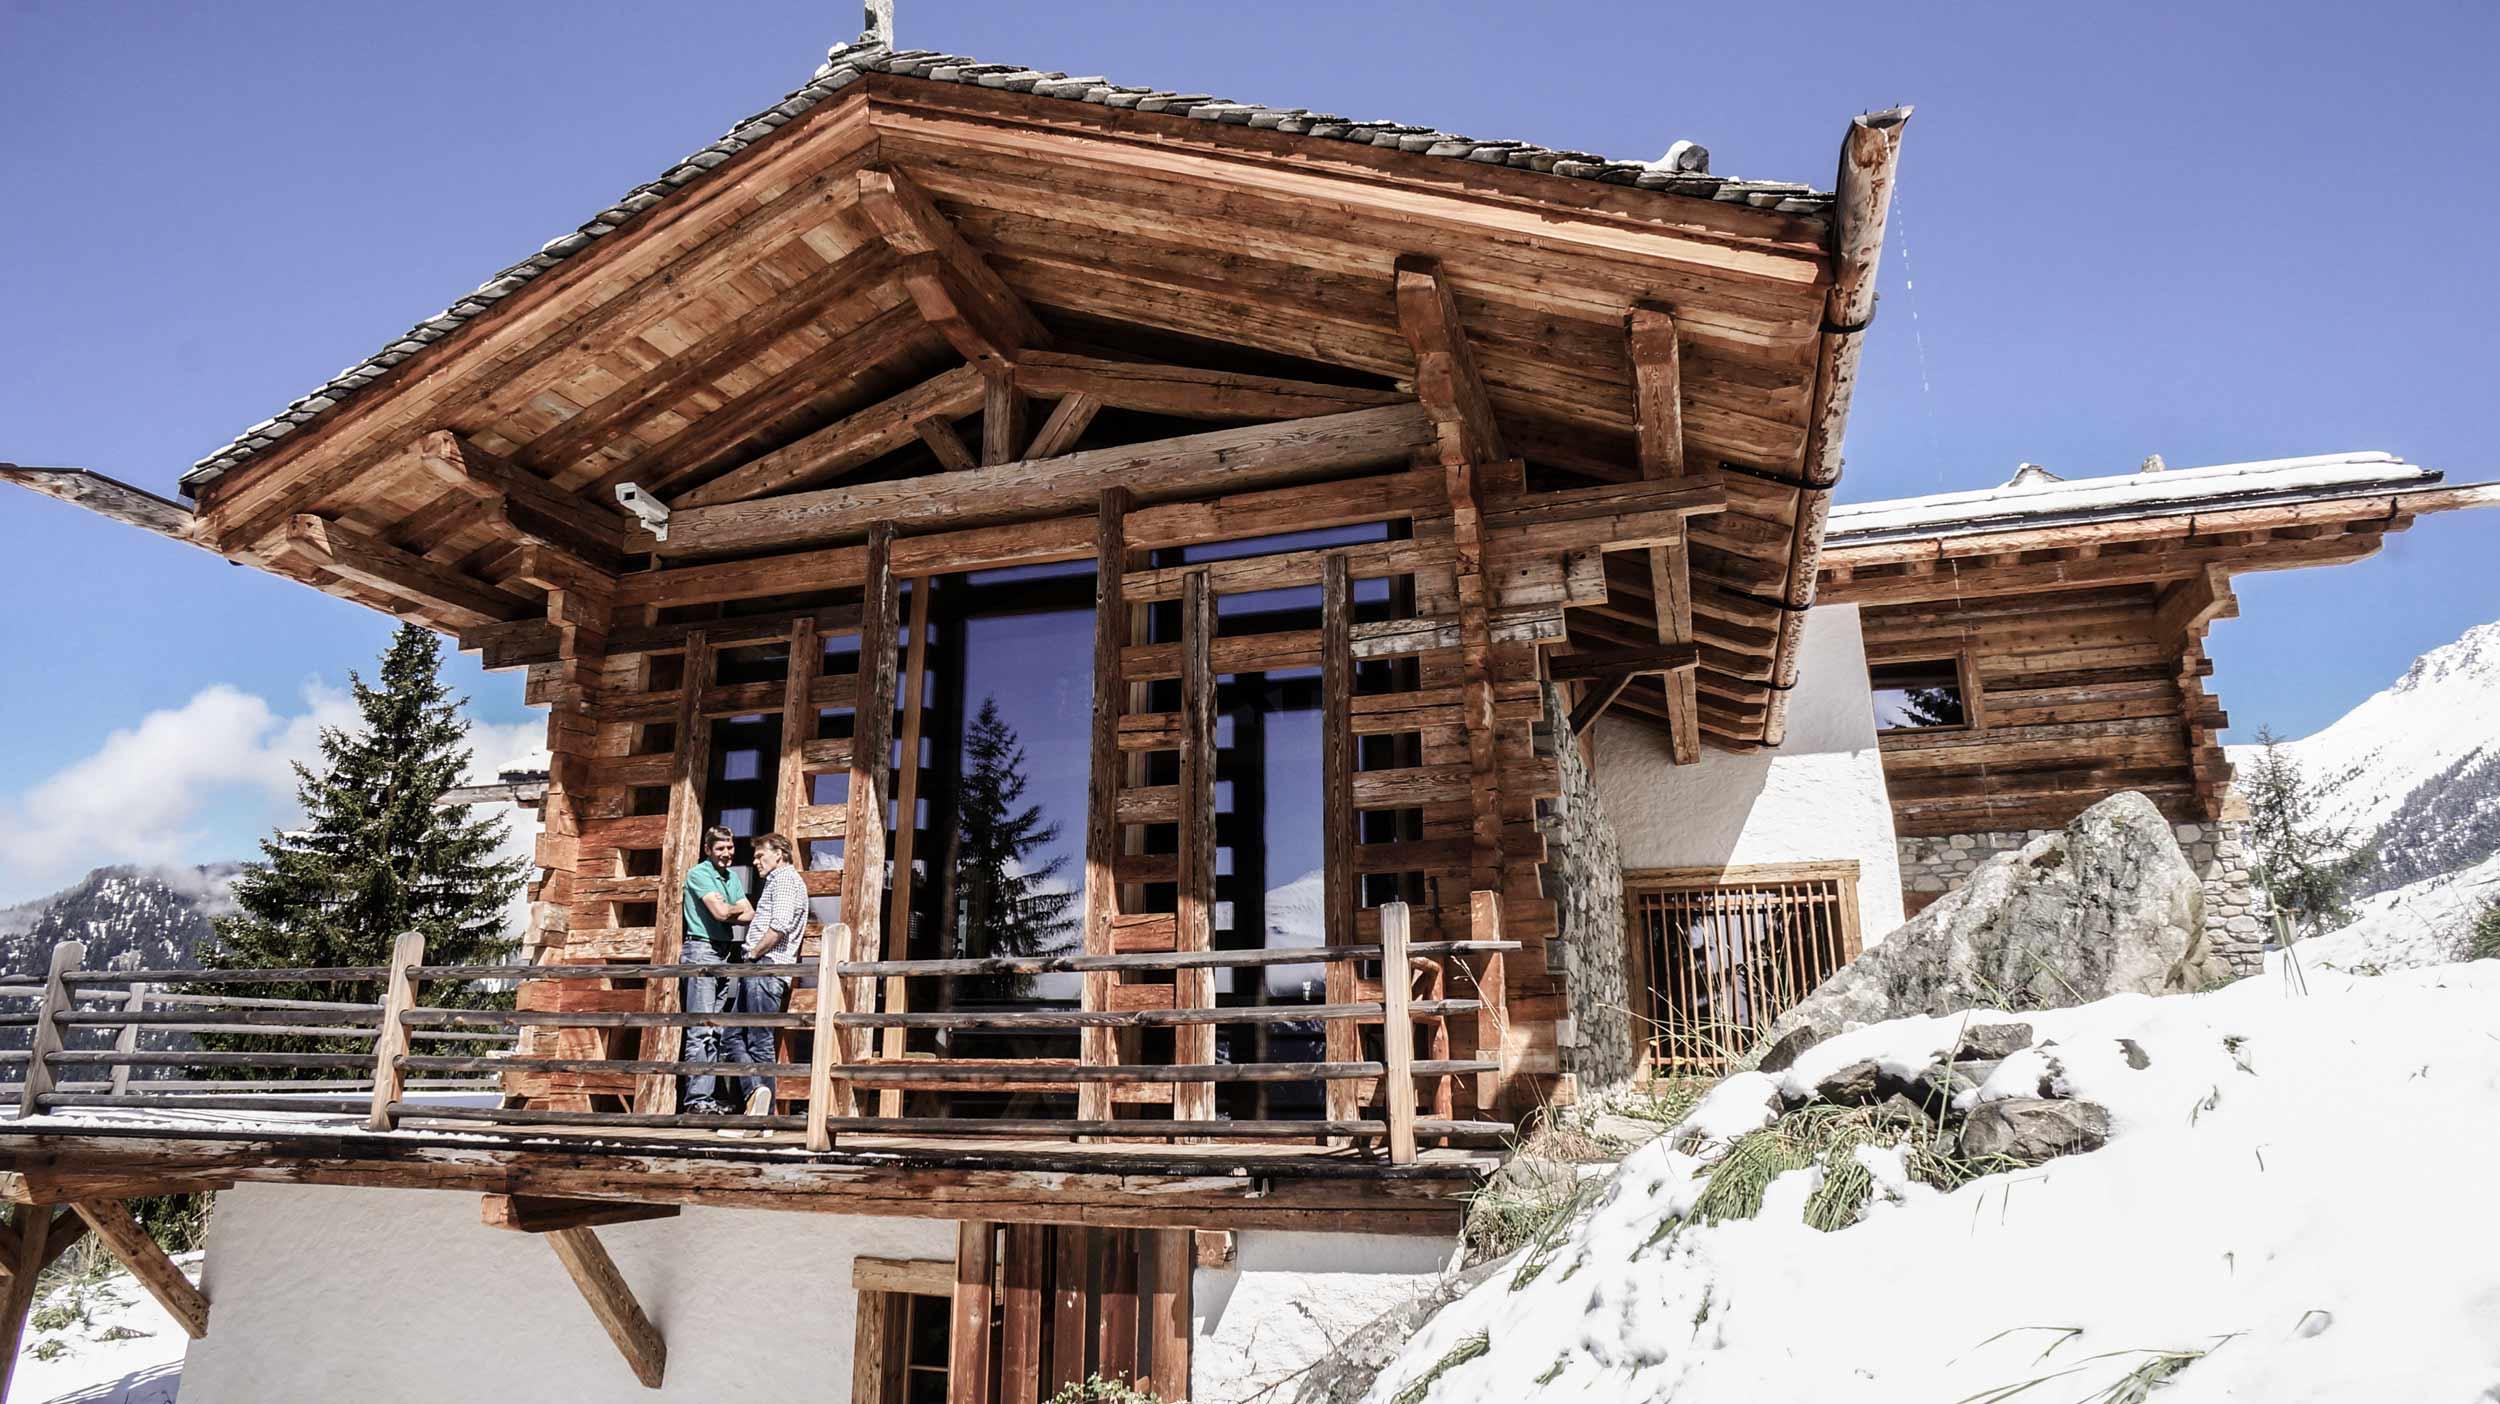 zimmerei-stoib-holzbau-holzhaus-chalet-schweiz-verbier-altholz-naturstein-glas-berge-traditionell-terrasse-04.jpg